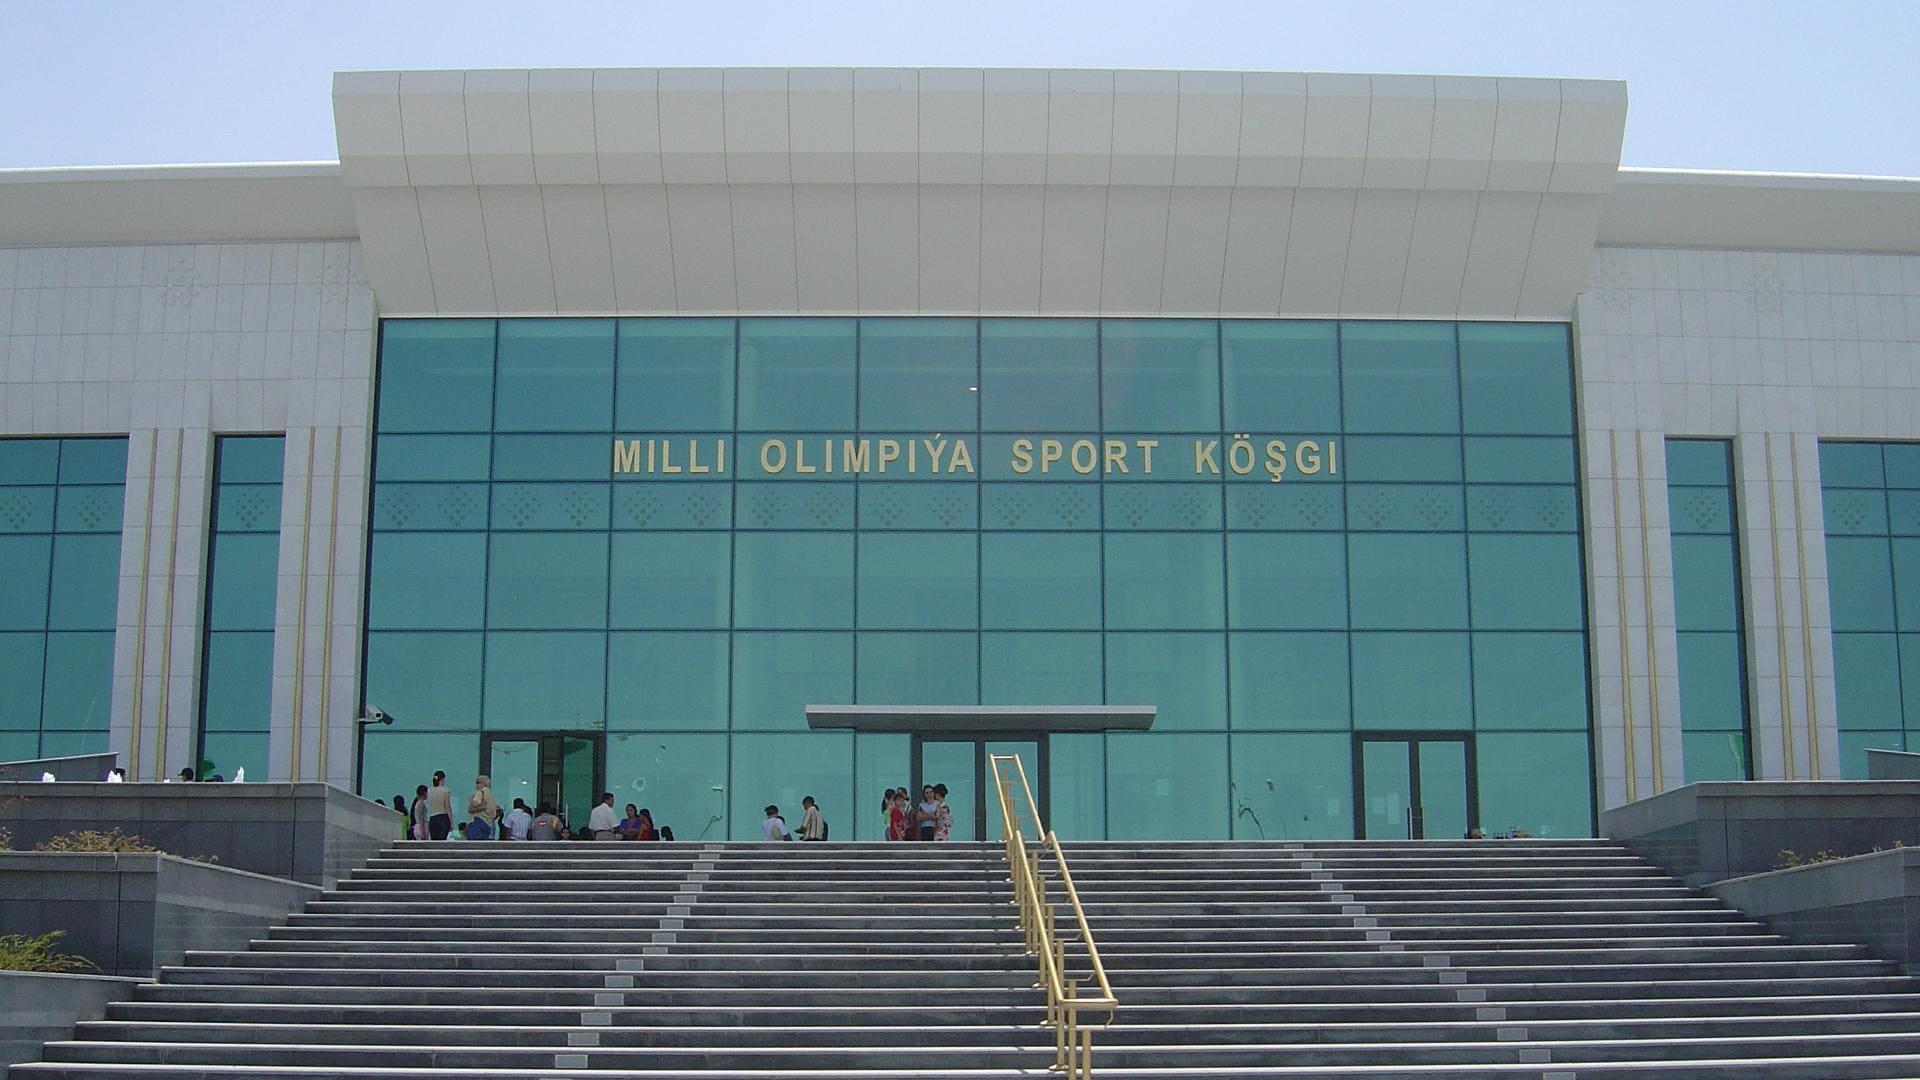 Milli Olimpiya Sport Kosgi